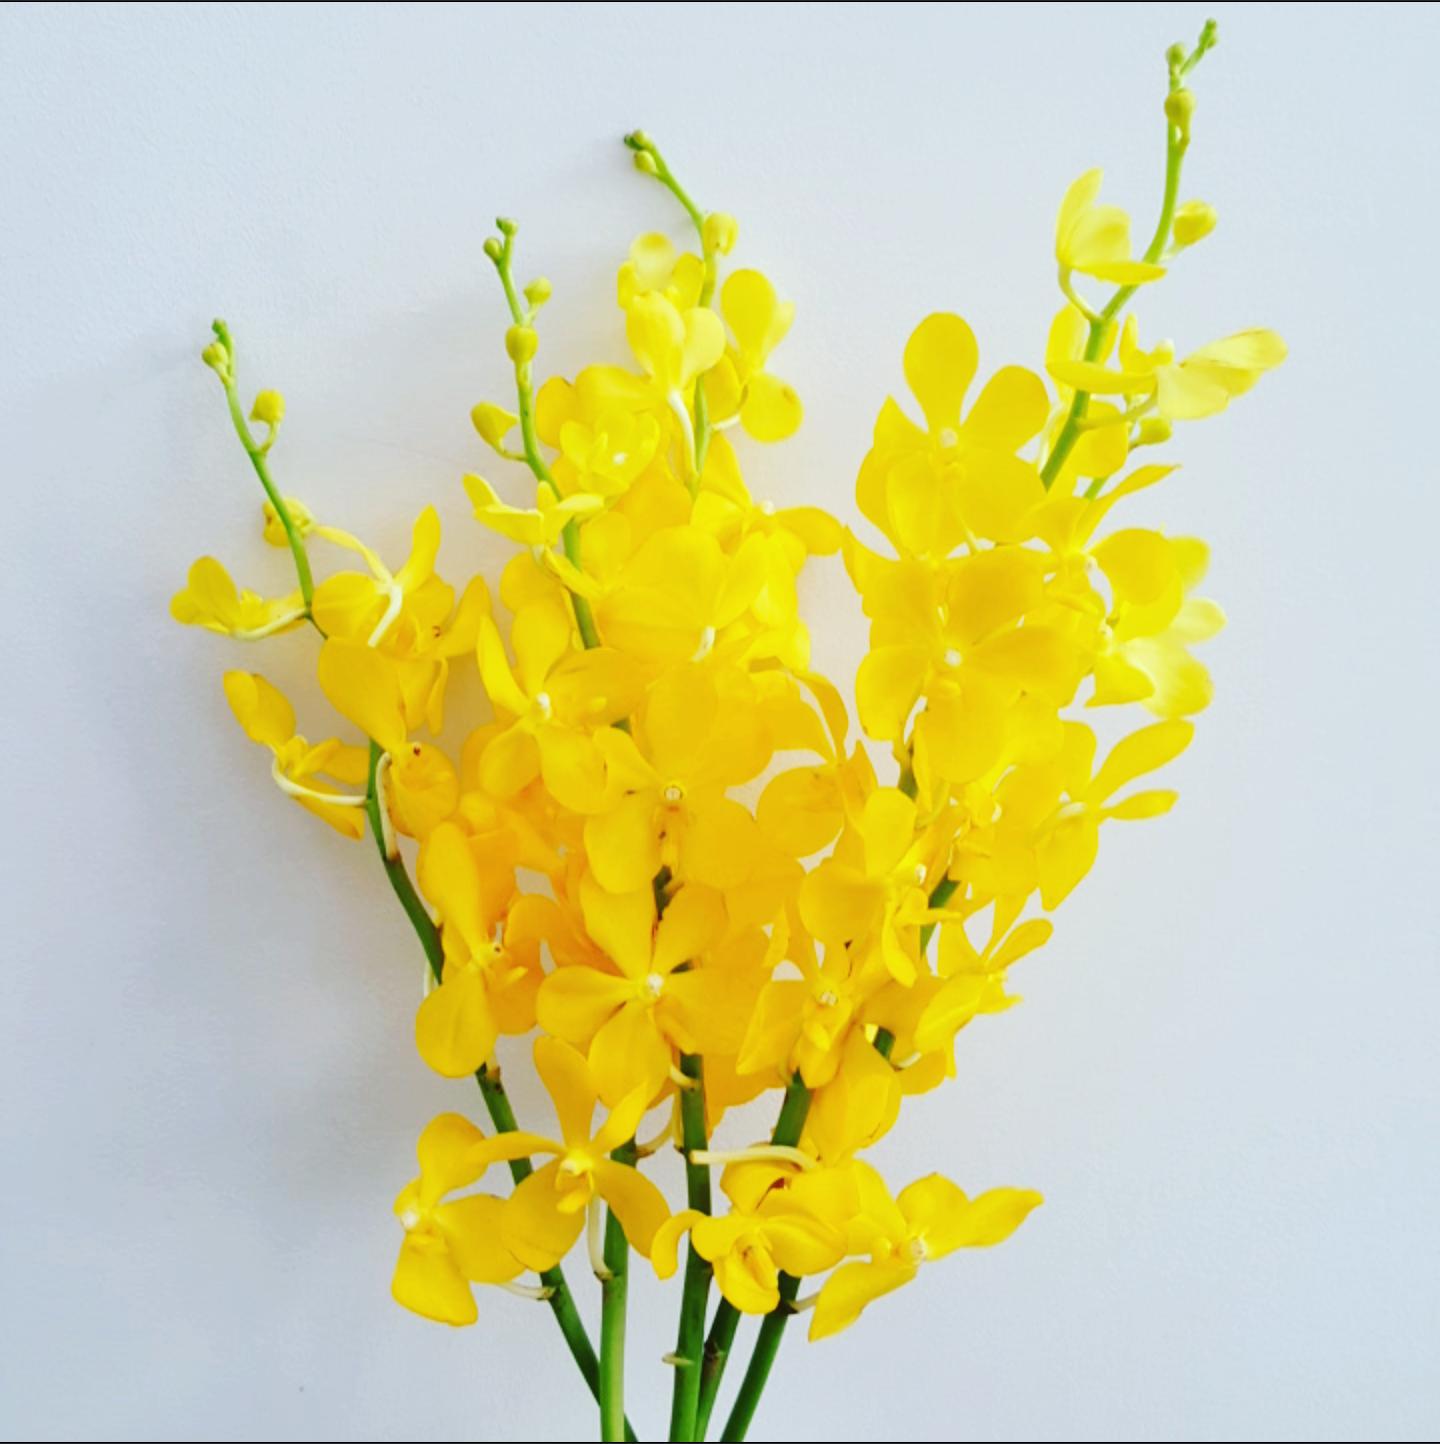 Yellow vanda